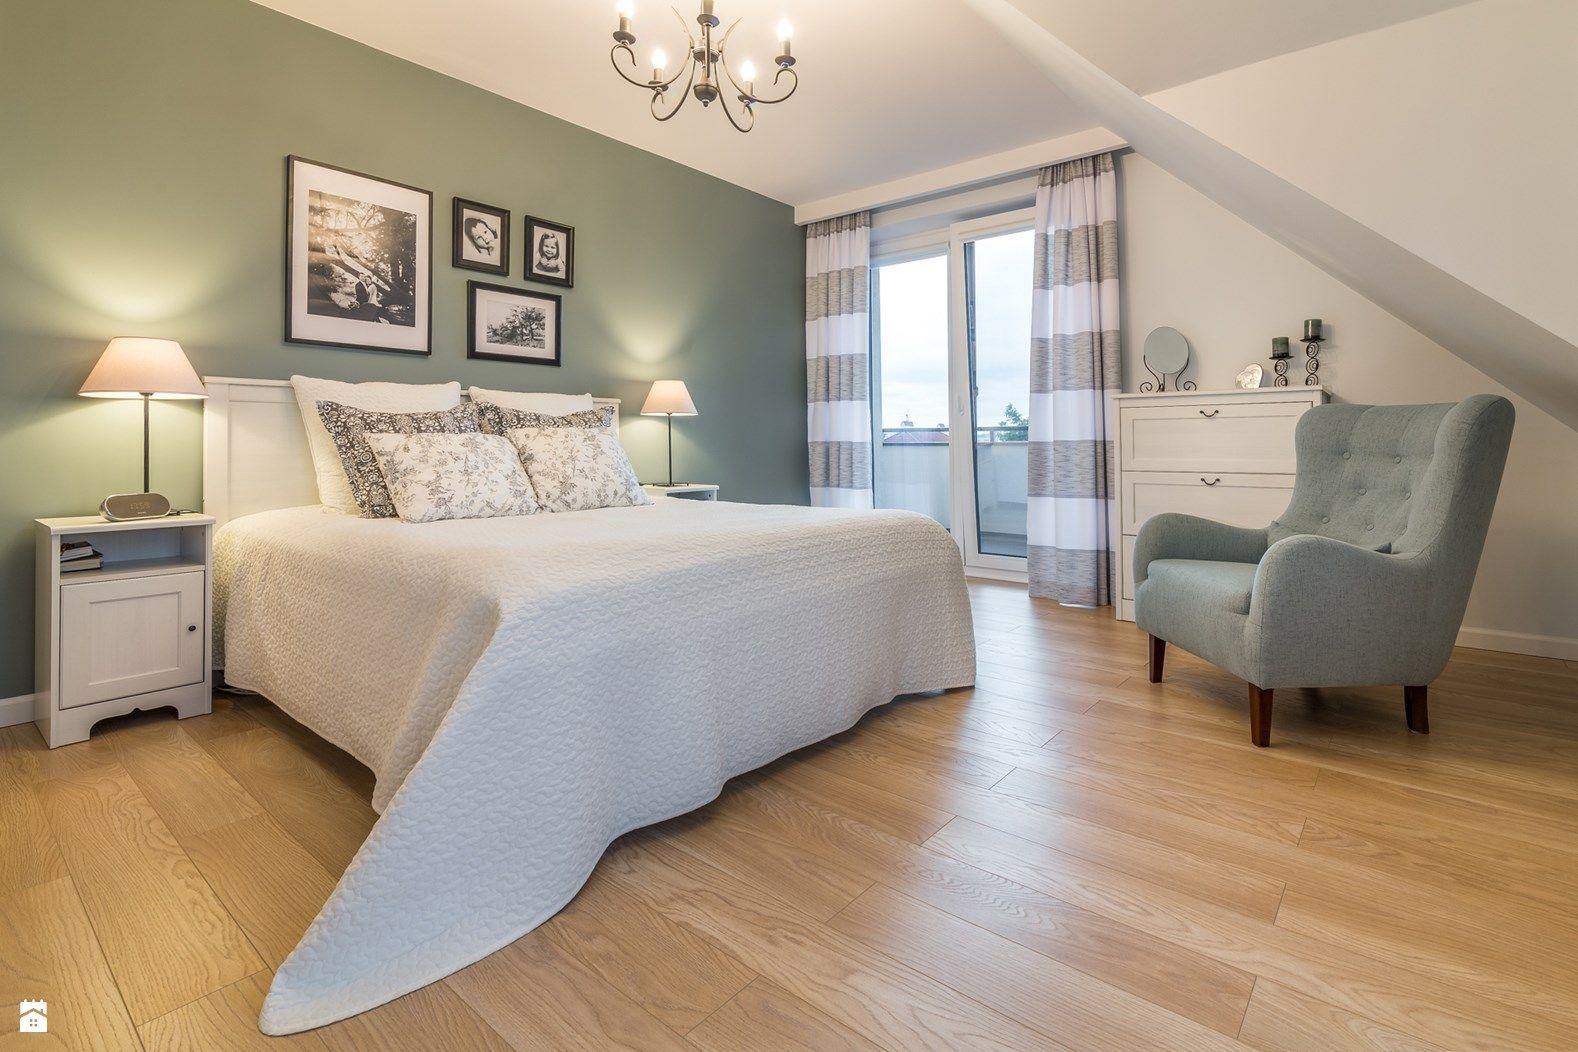 Camera da letto - COLORE PARETE X B&B | arredamento nel 2019 ...